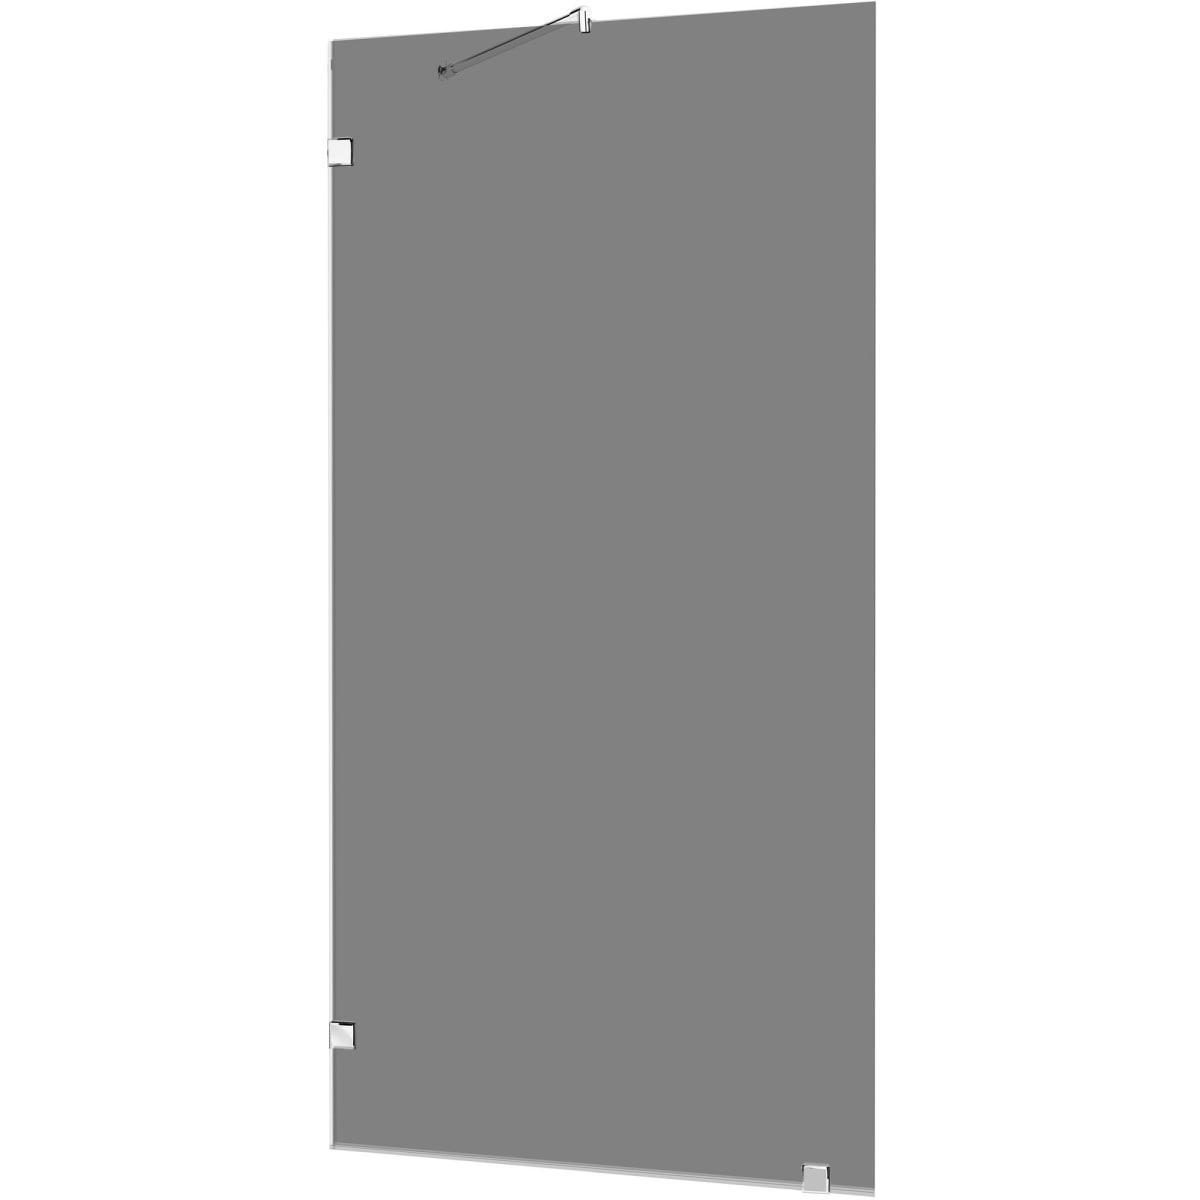 Панель боковая «Комфорт» тонированная 195x79 см